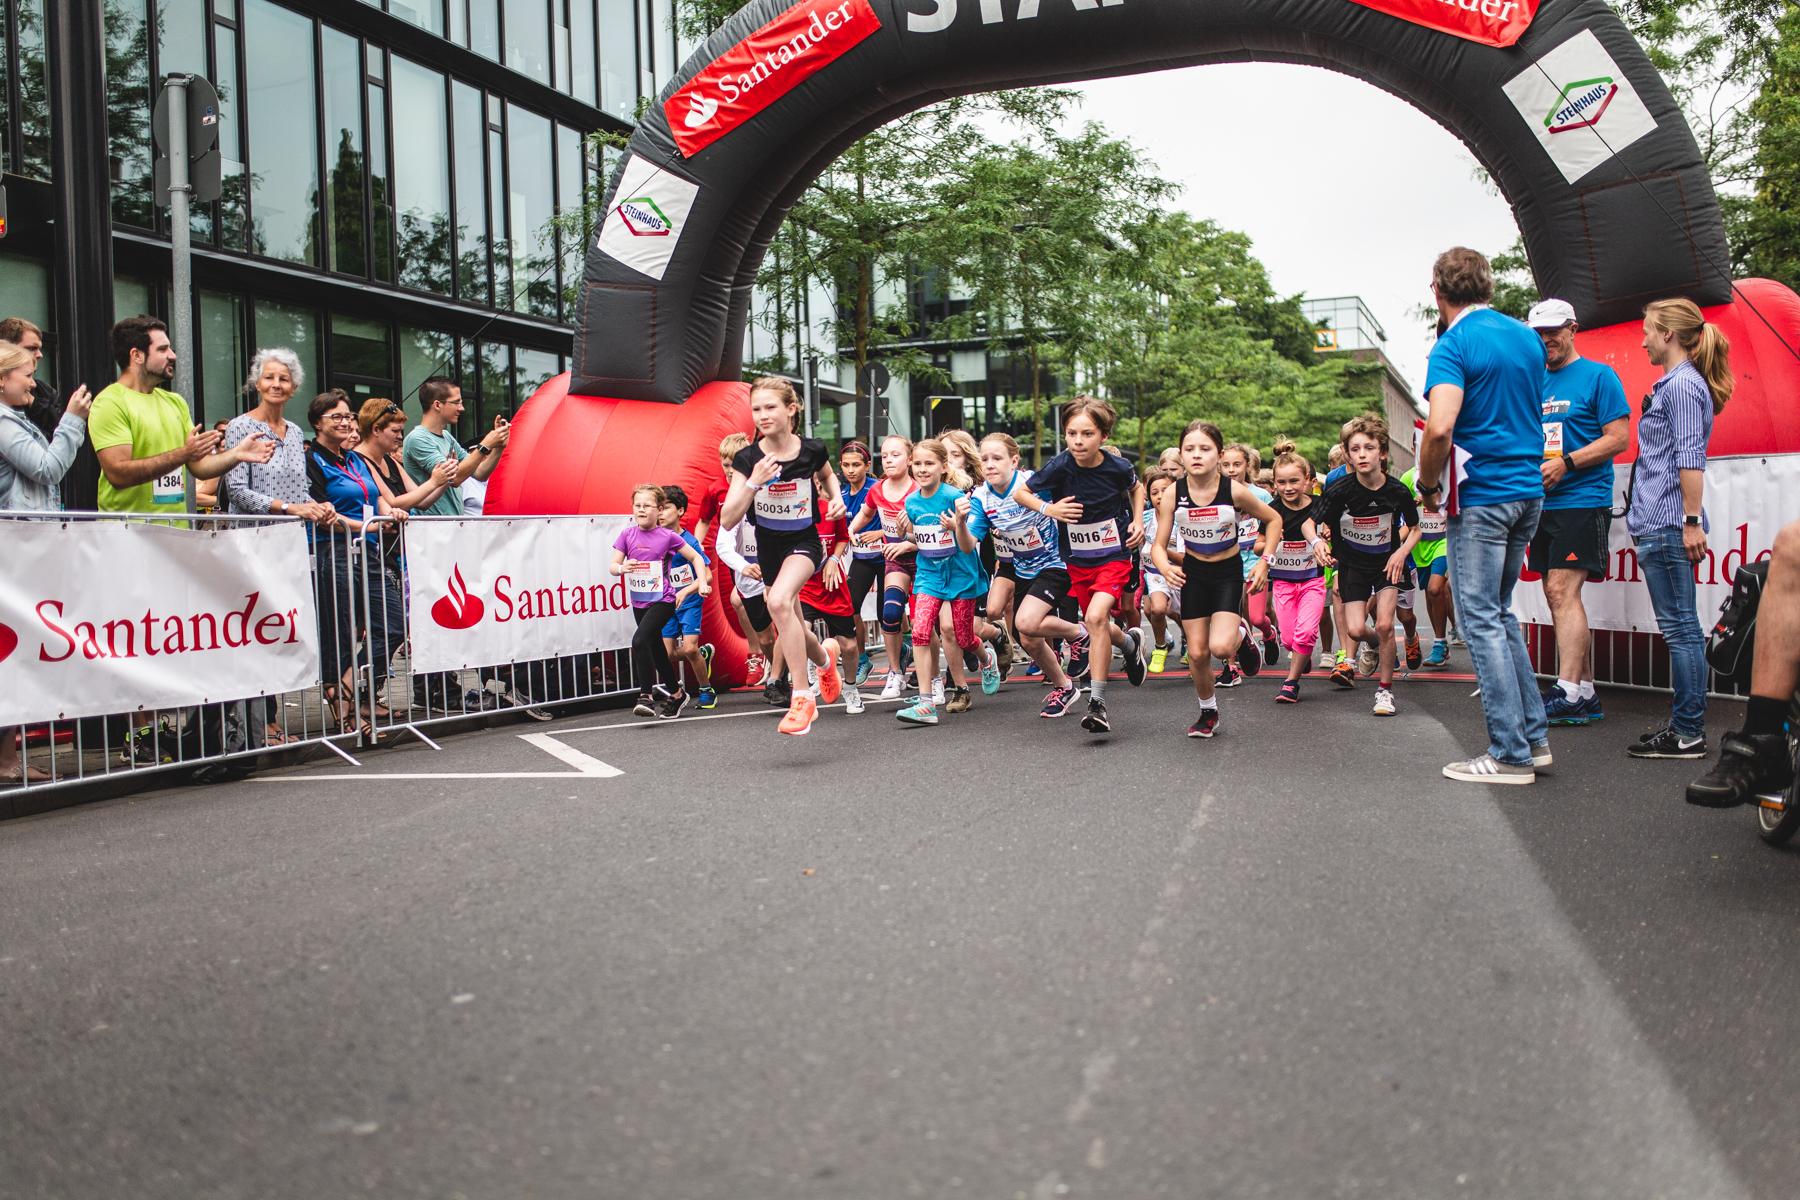 [Mönchengladbach] Freistart Santander Marathon (10 km/HM/M) [nur 500 Stk. verfügbar!]